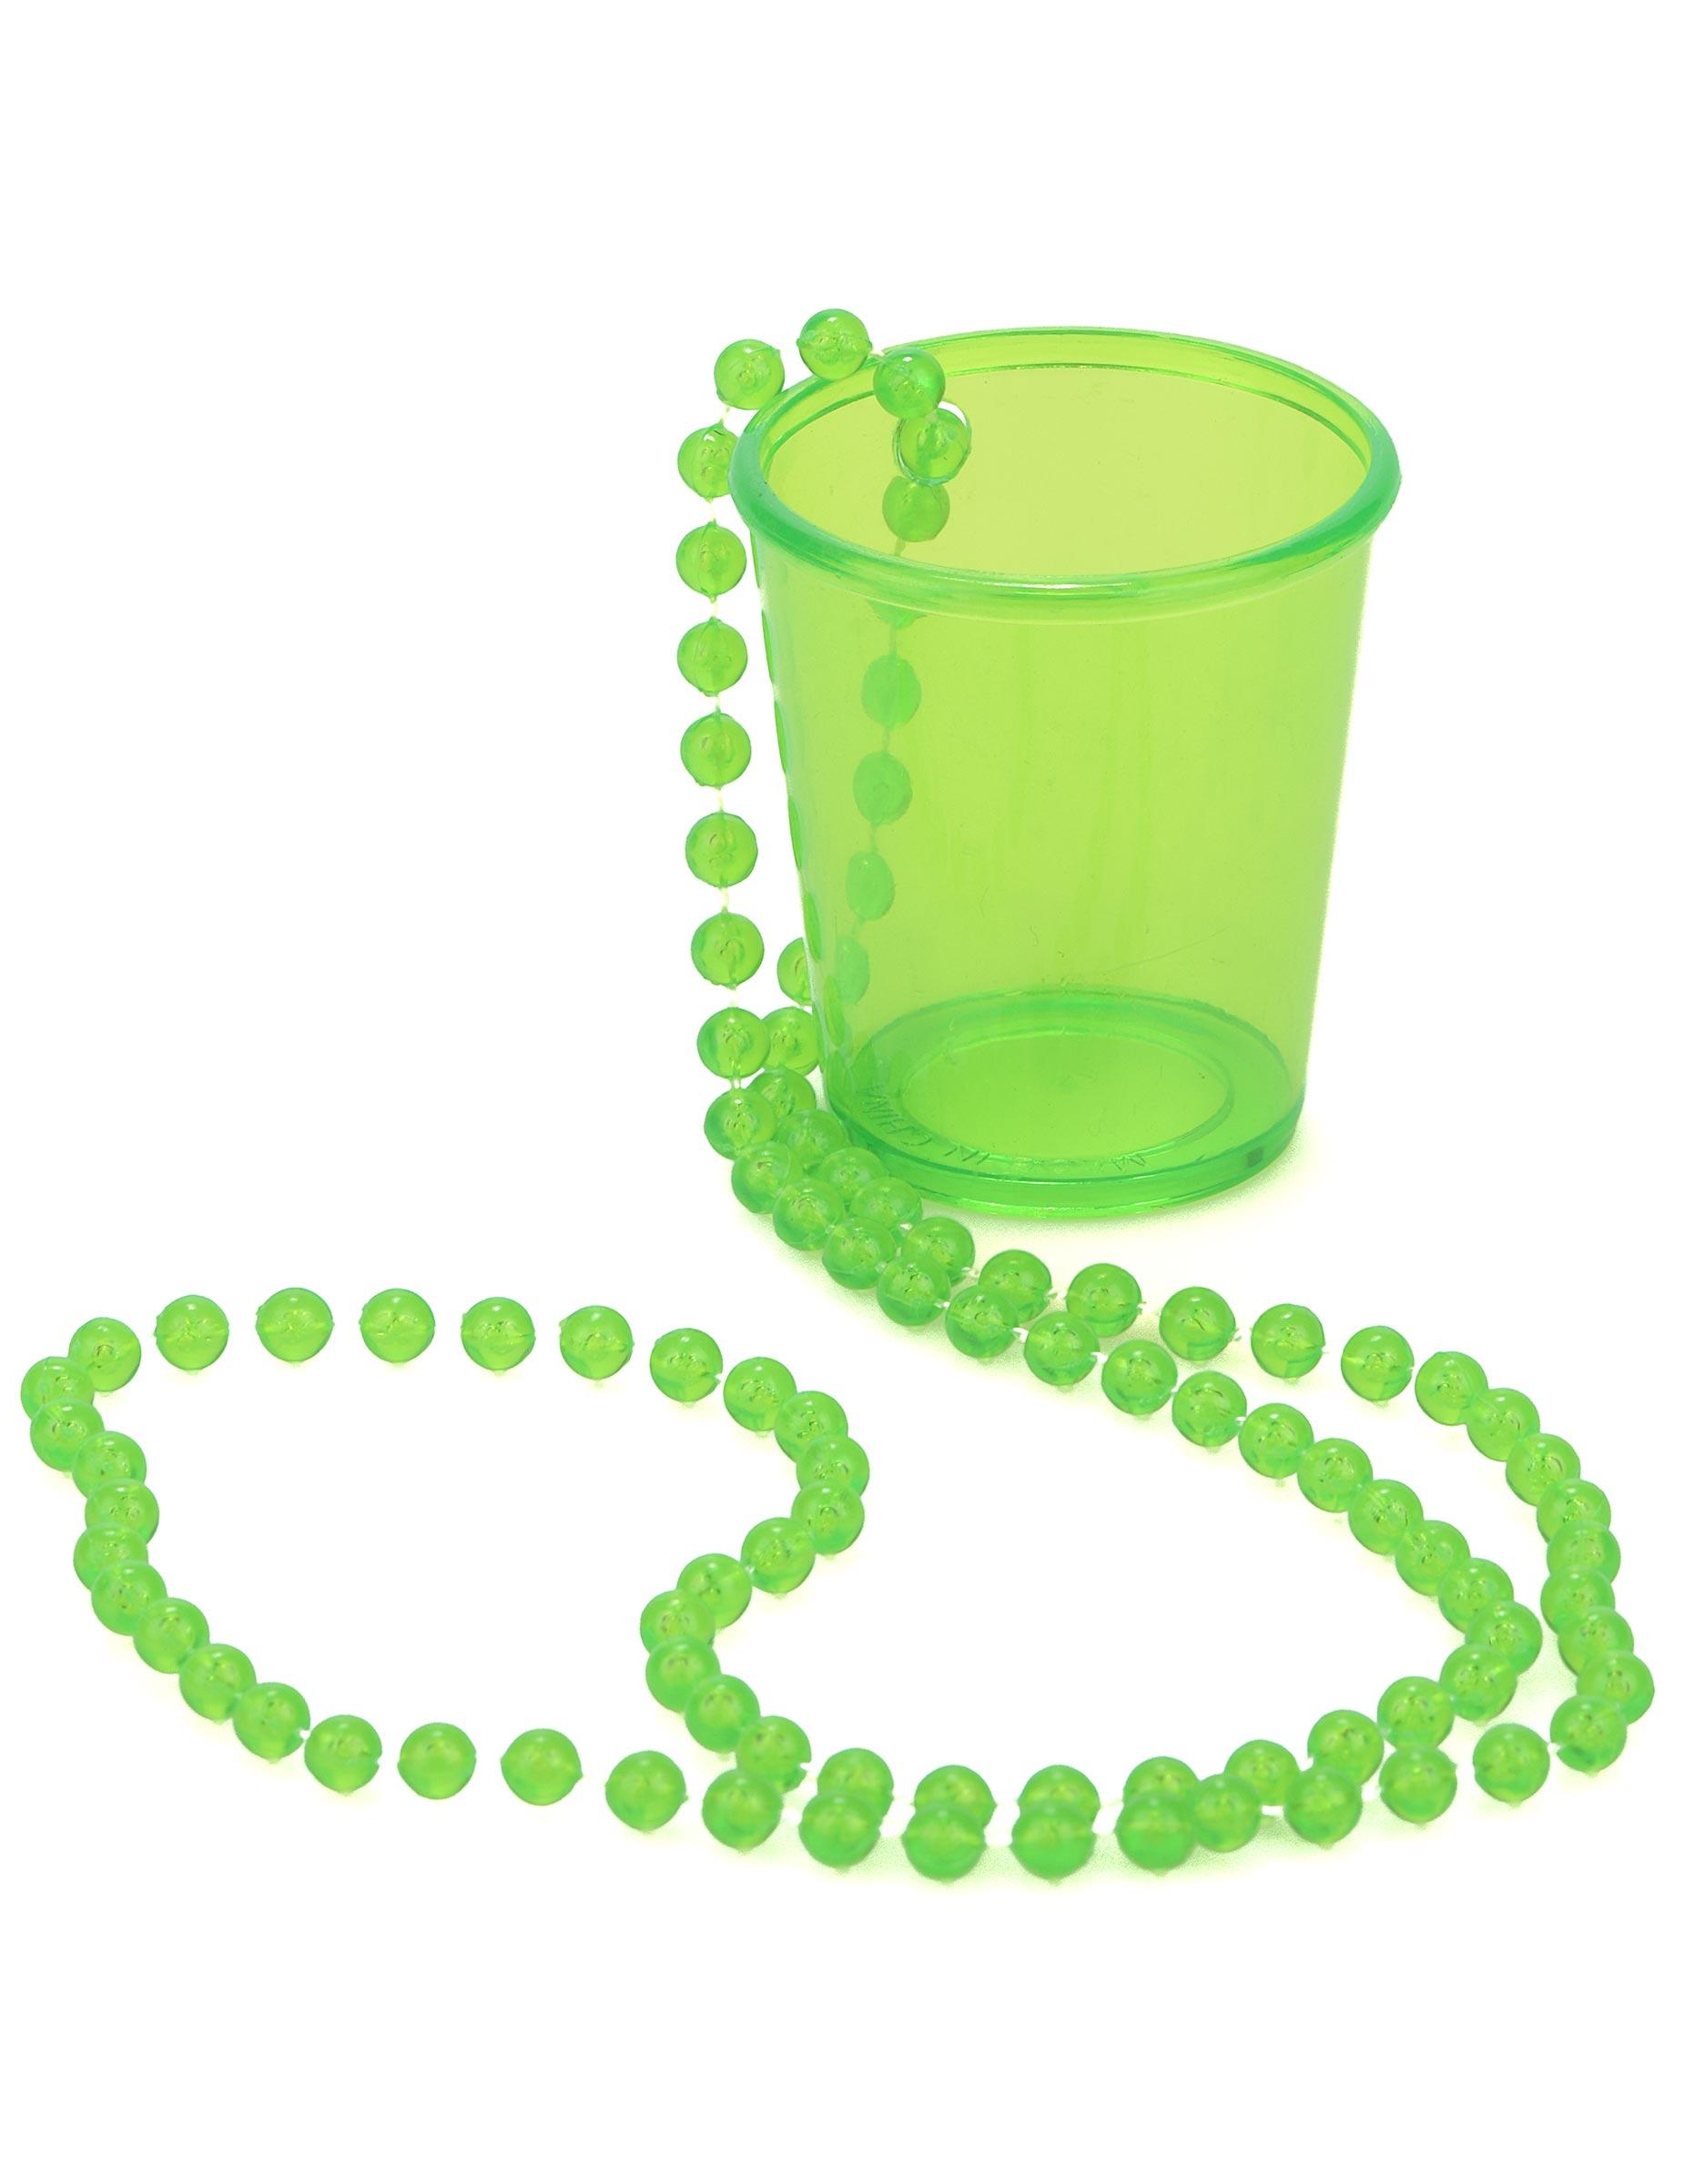 d53109e33fa2 Collar chupito verde San Patricio  Accesorios